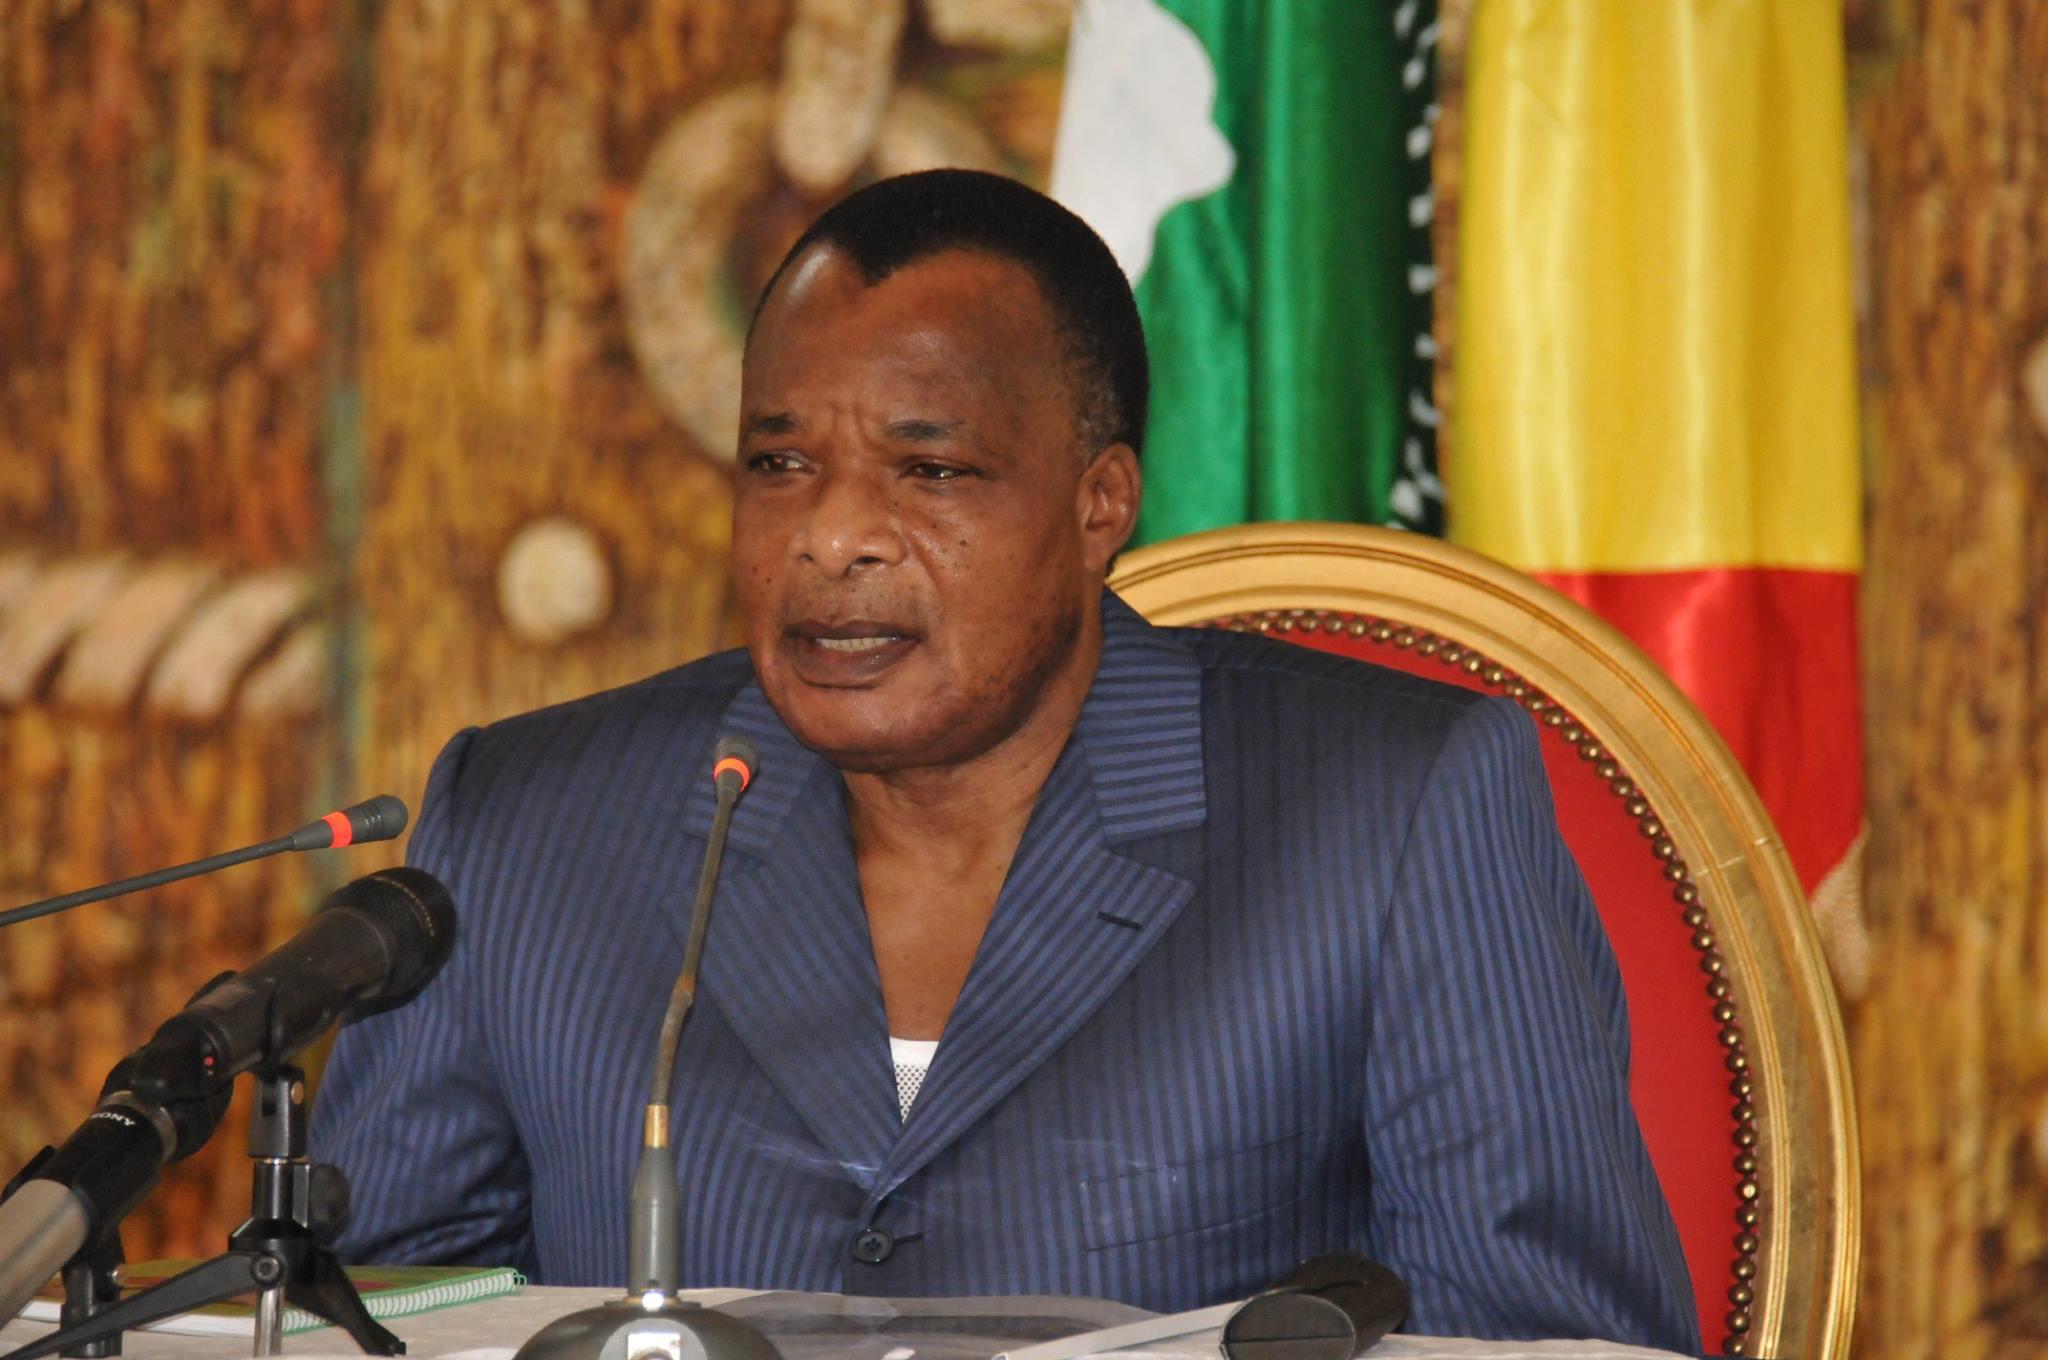 Le Pool, le Président Denis Sassou N'Guesso a eu une rencontre citoyenne avec les populations de ce département, le 27 juin 2015 à Kinkala.